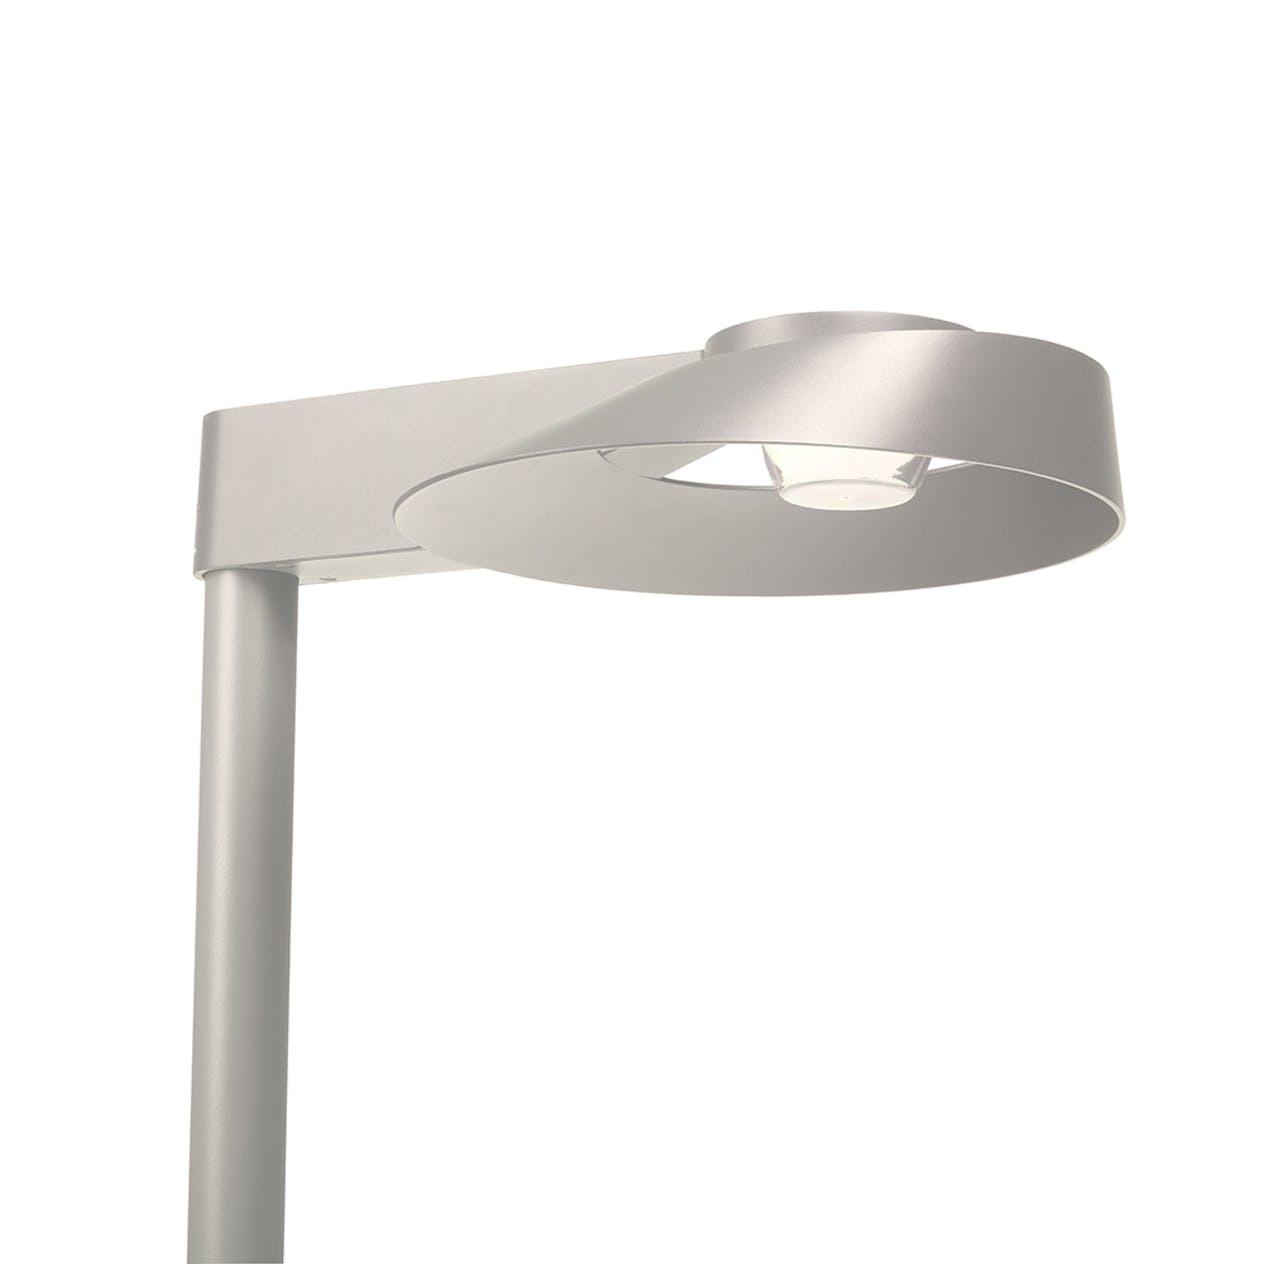 Lampa na słup SUNNFJORD LED 1507AL -Norlys  SPRAWDŹ RABATY  5-10-15-20 % w koszyku